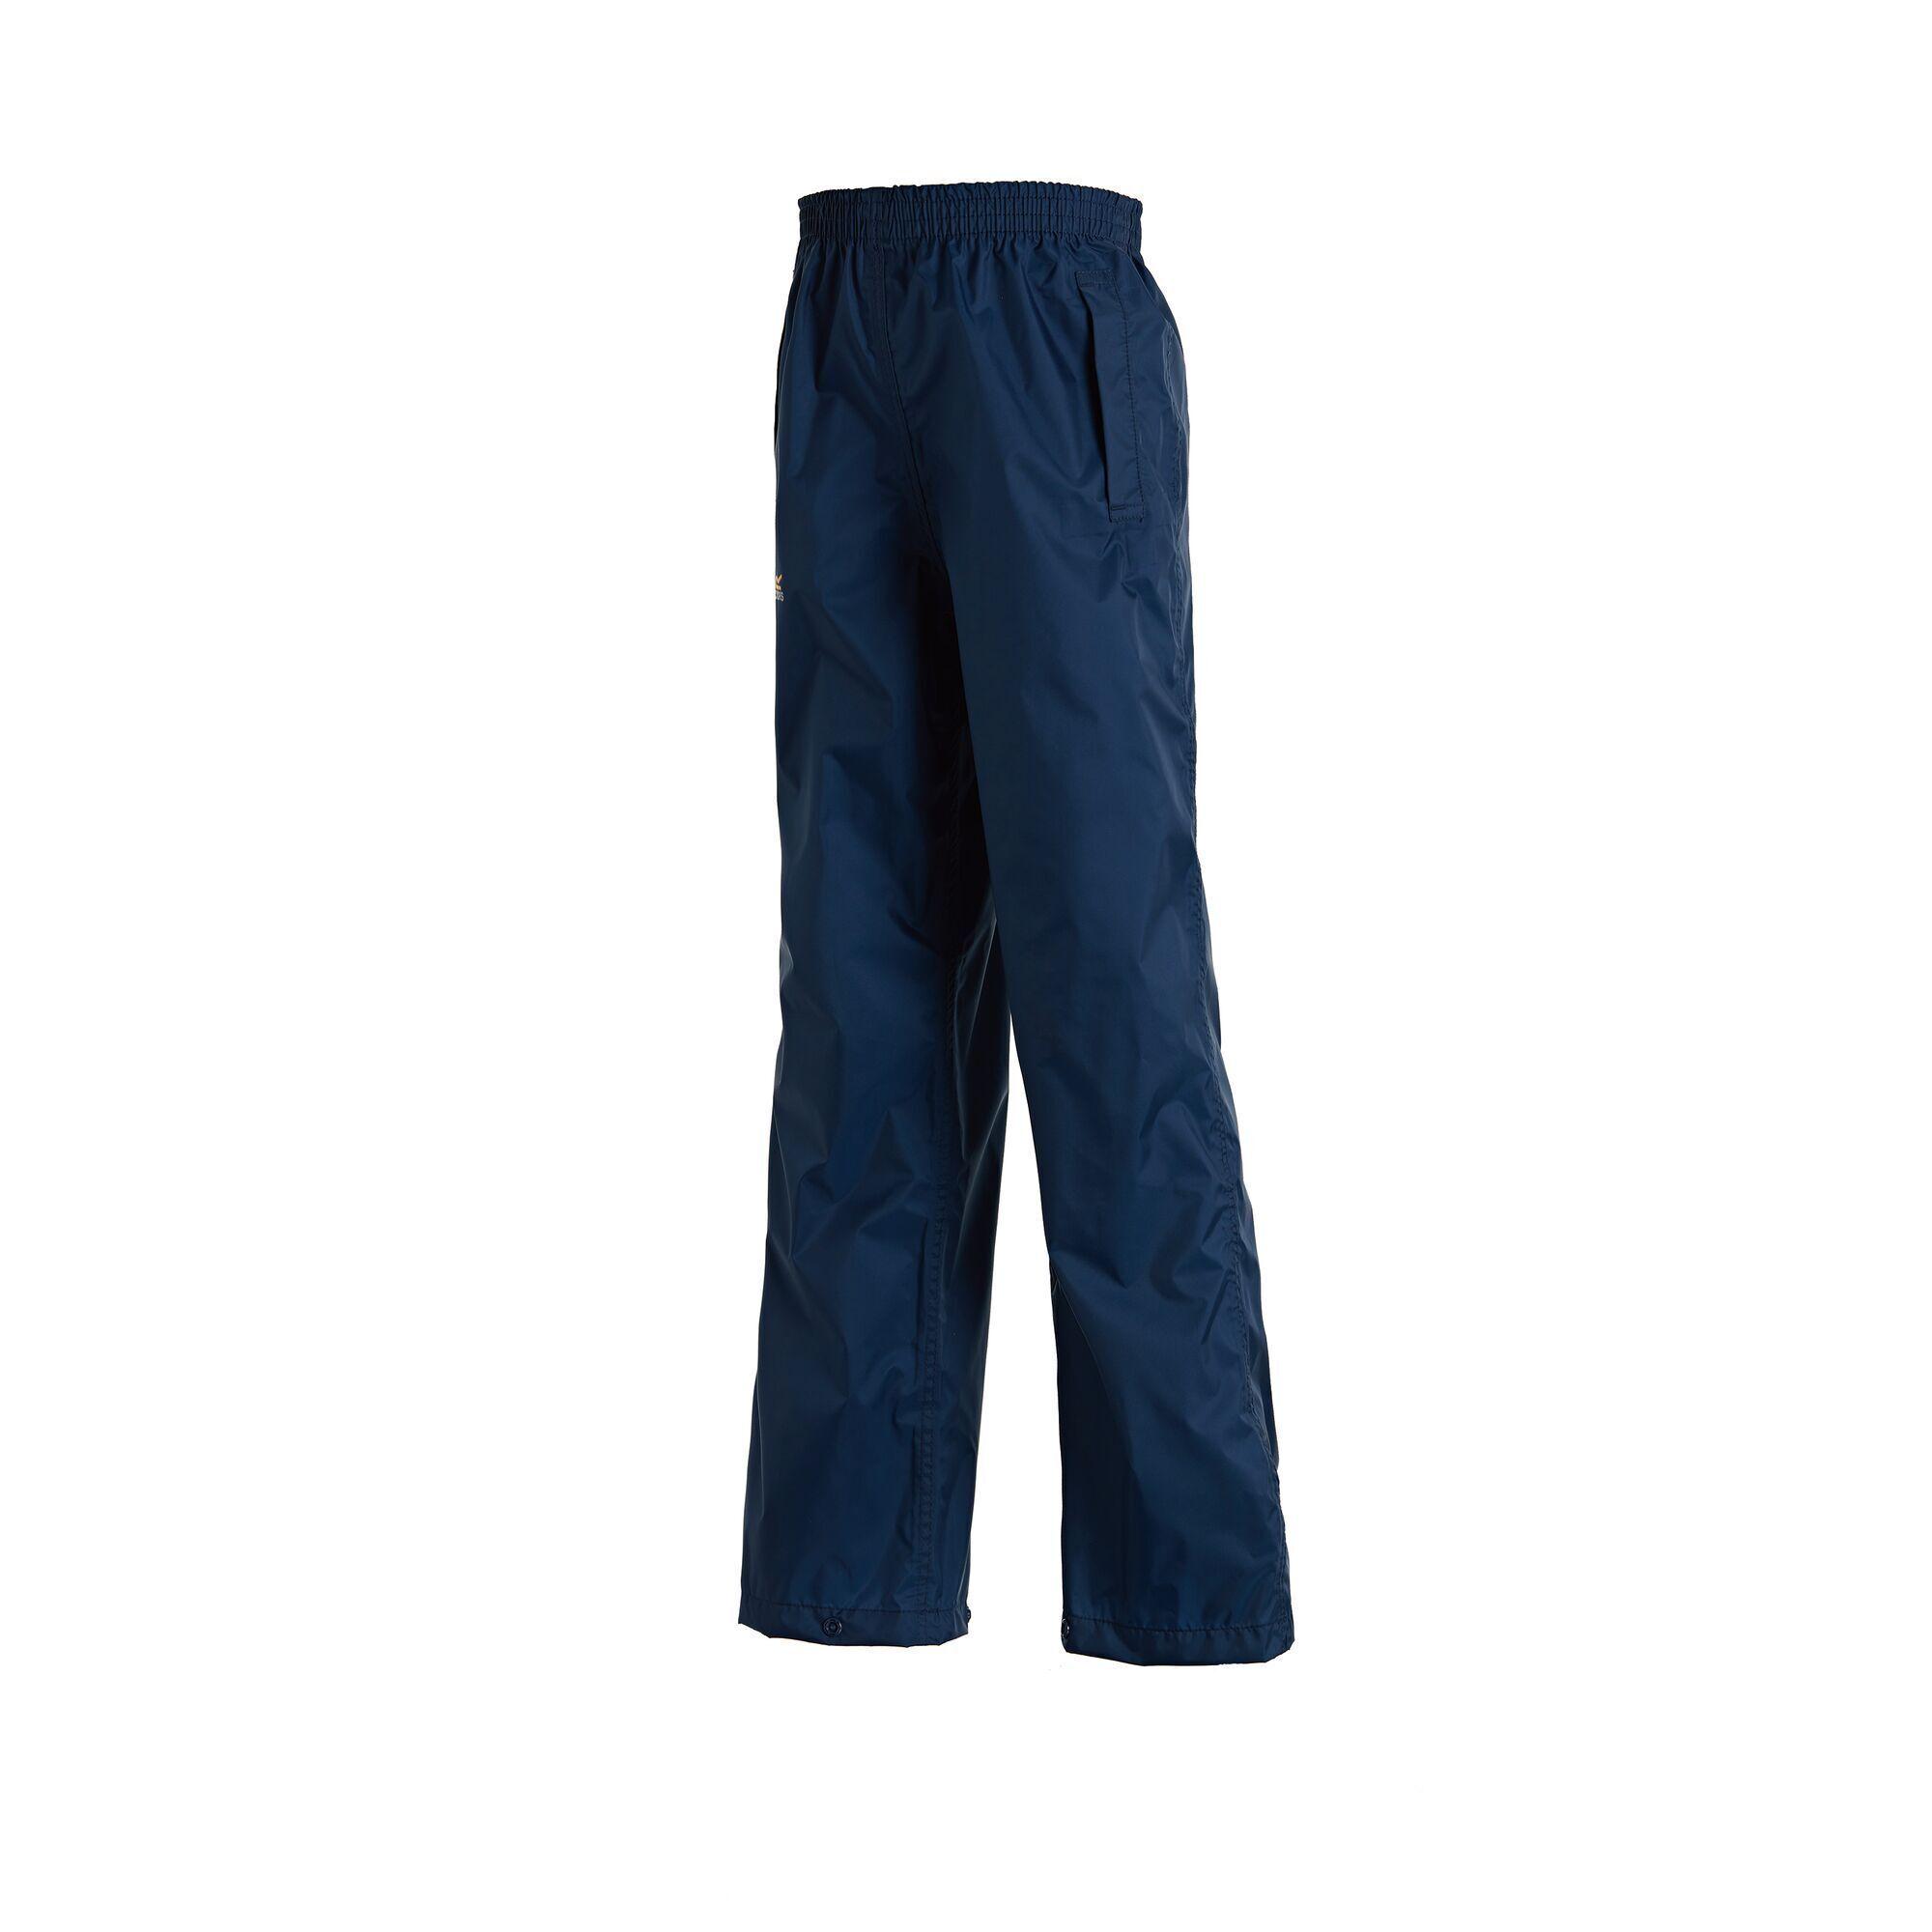 Sur-pantalon imperm/éable Enfant unisexe Regatta Chandler